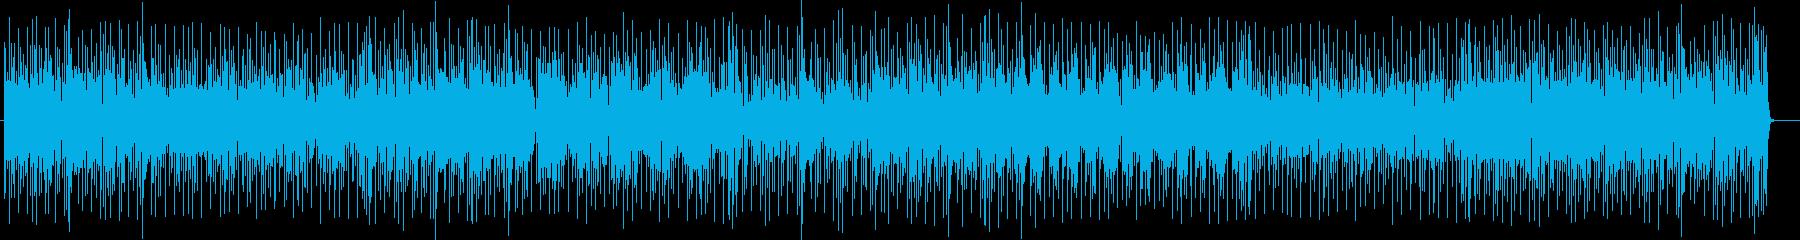 ヘンテコだけどなんだか楽しいポップソングの再生済みの波形